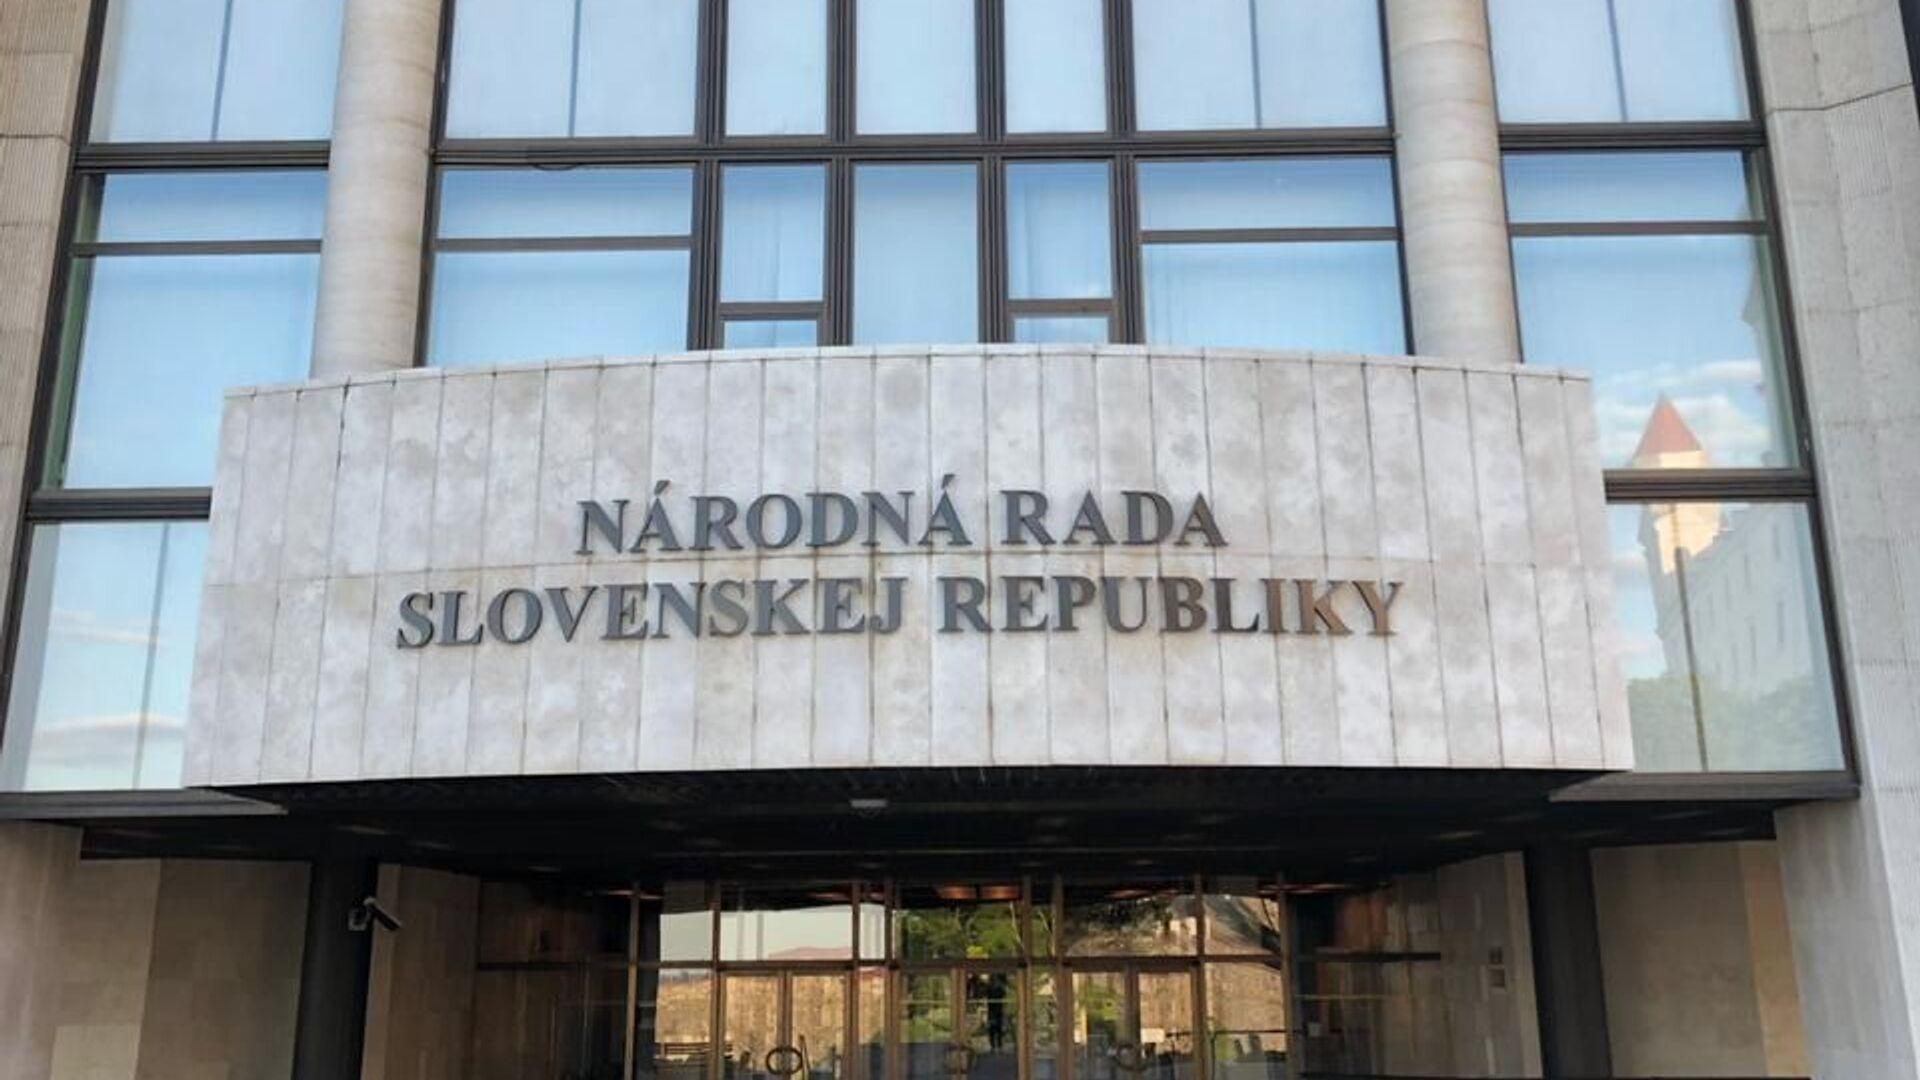 Národní rada Slovenské republiky - Sputnik Česká republika, 1920, 24.07.2021